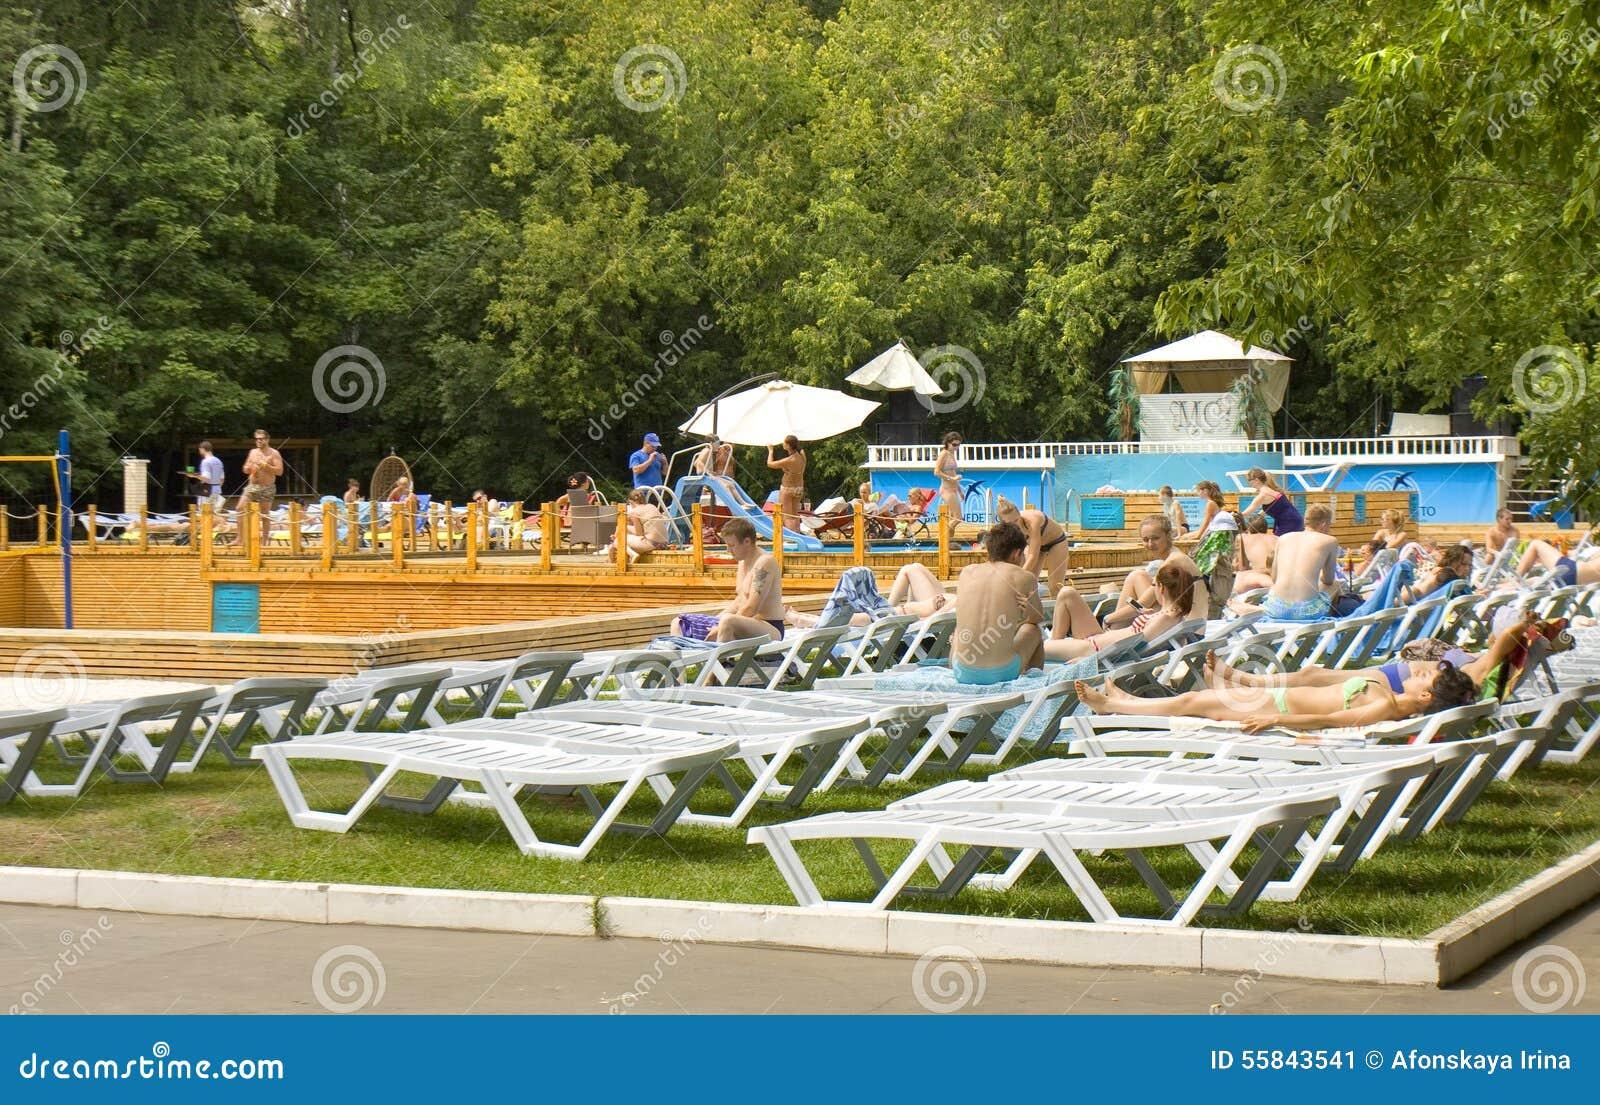 The Pool (Sokolniki): reviews from photos